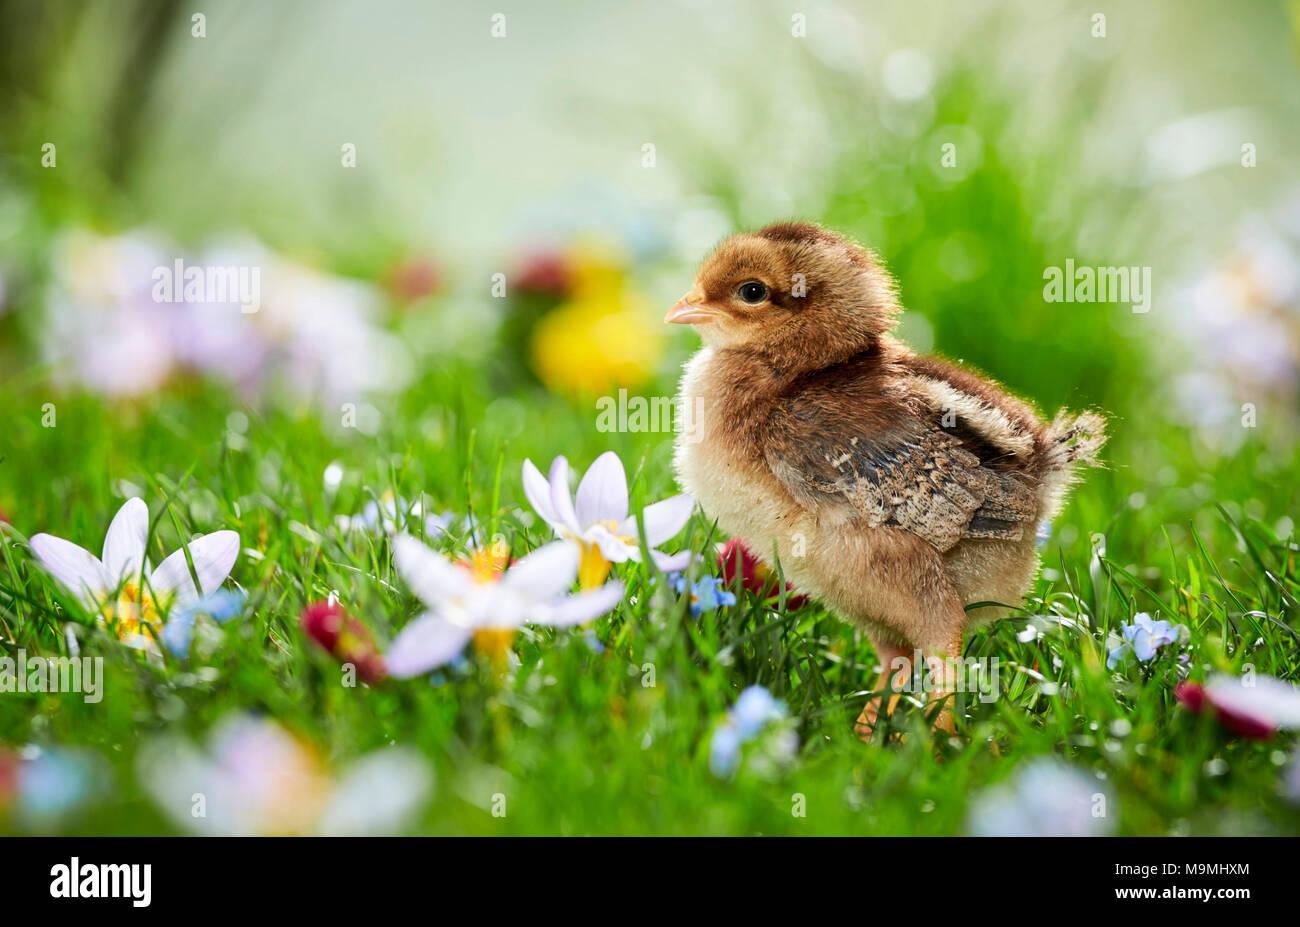 Baby Chicken Stockfotos & Baby Chicken Bilder